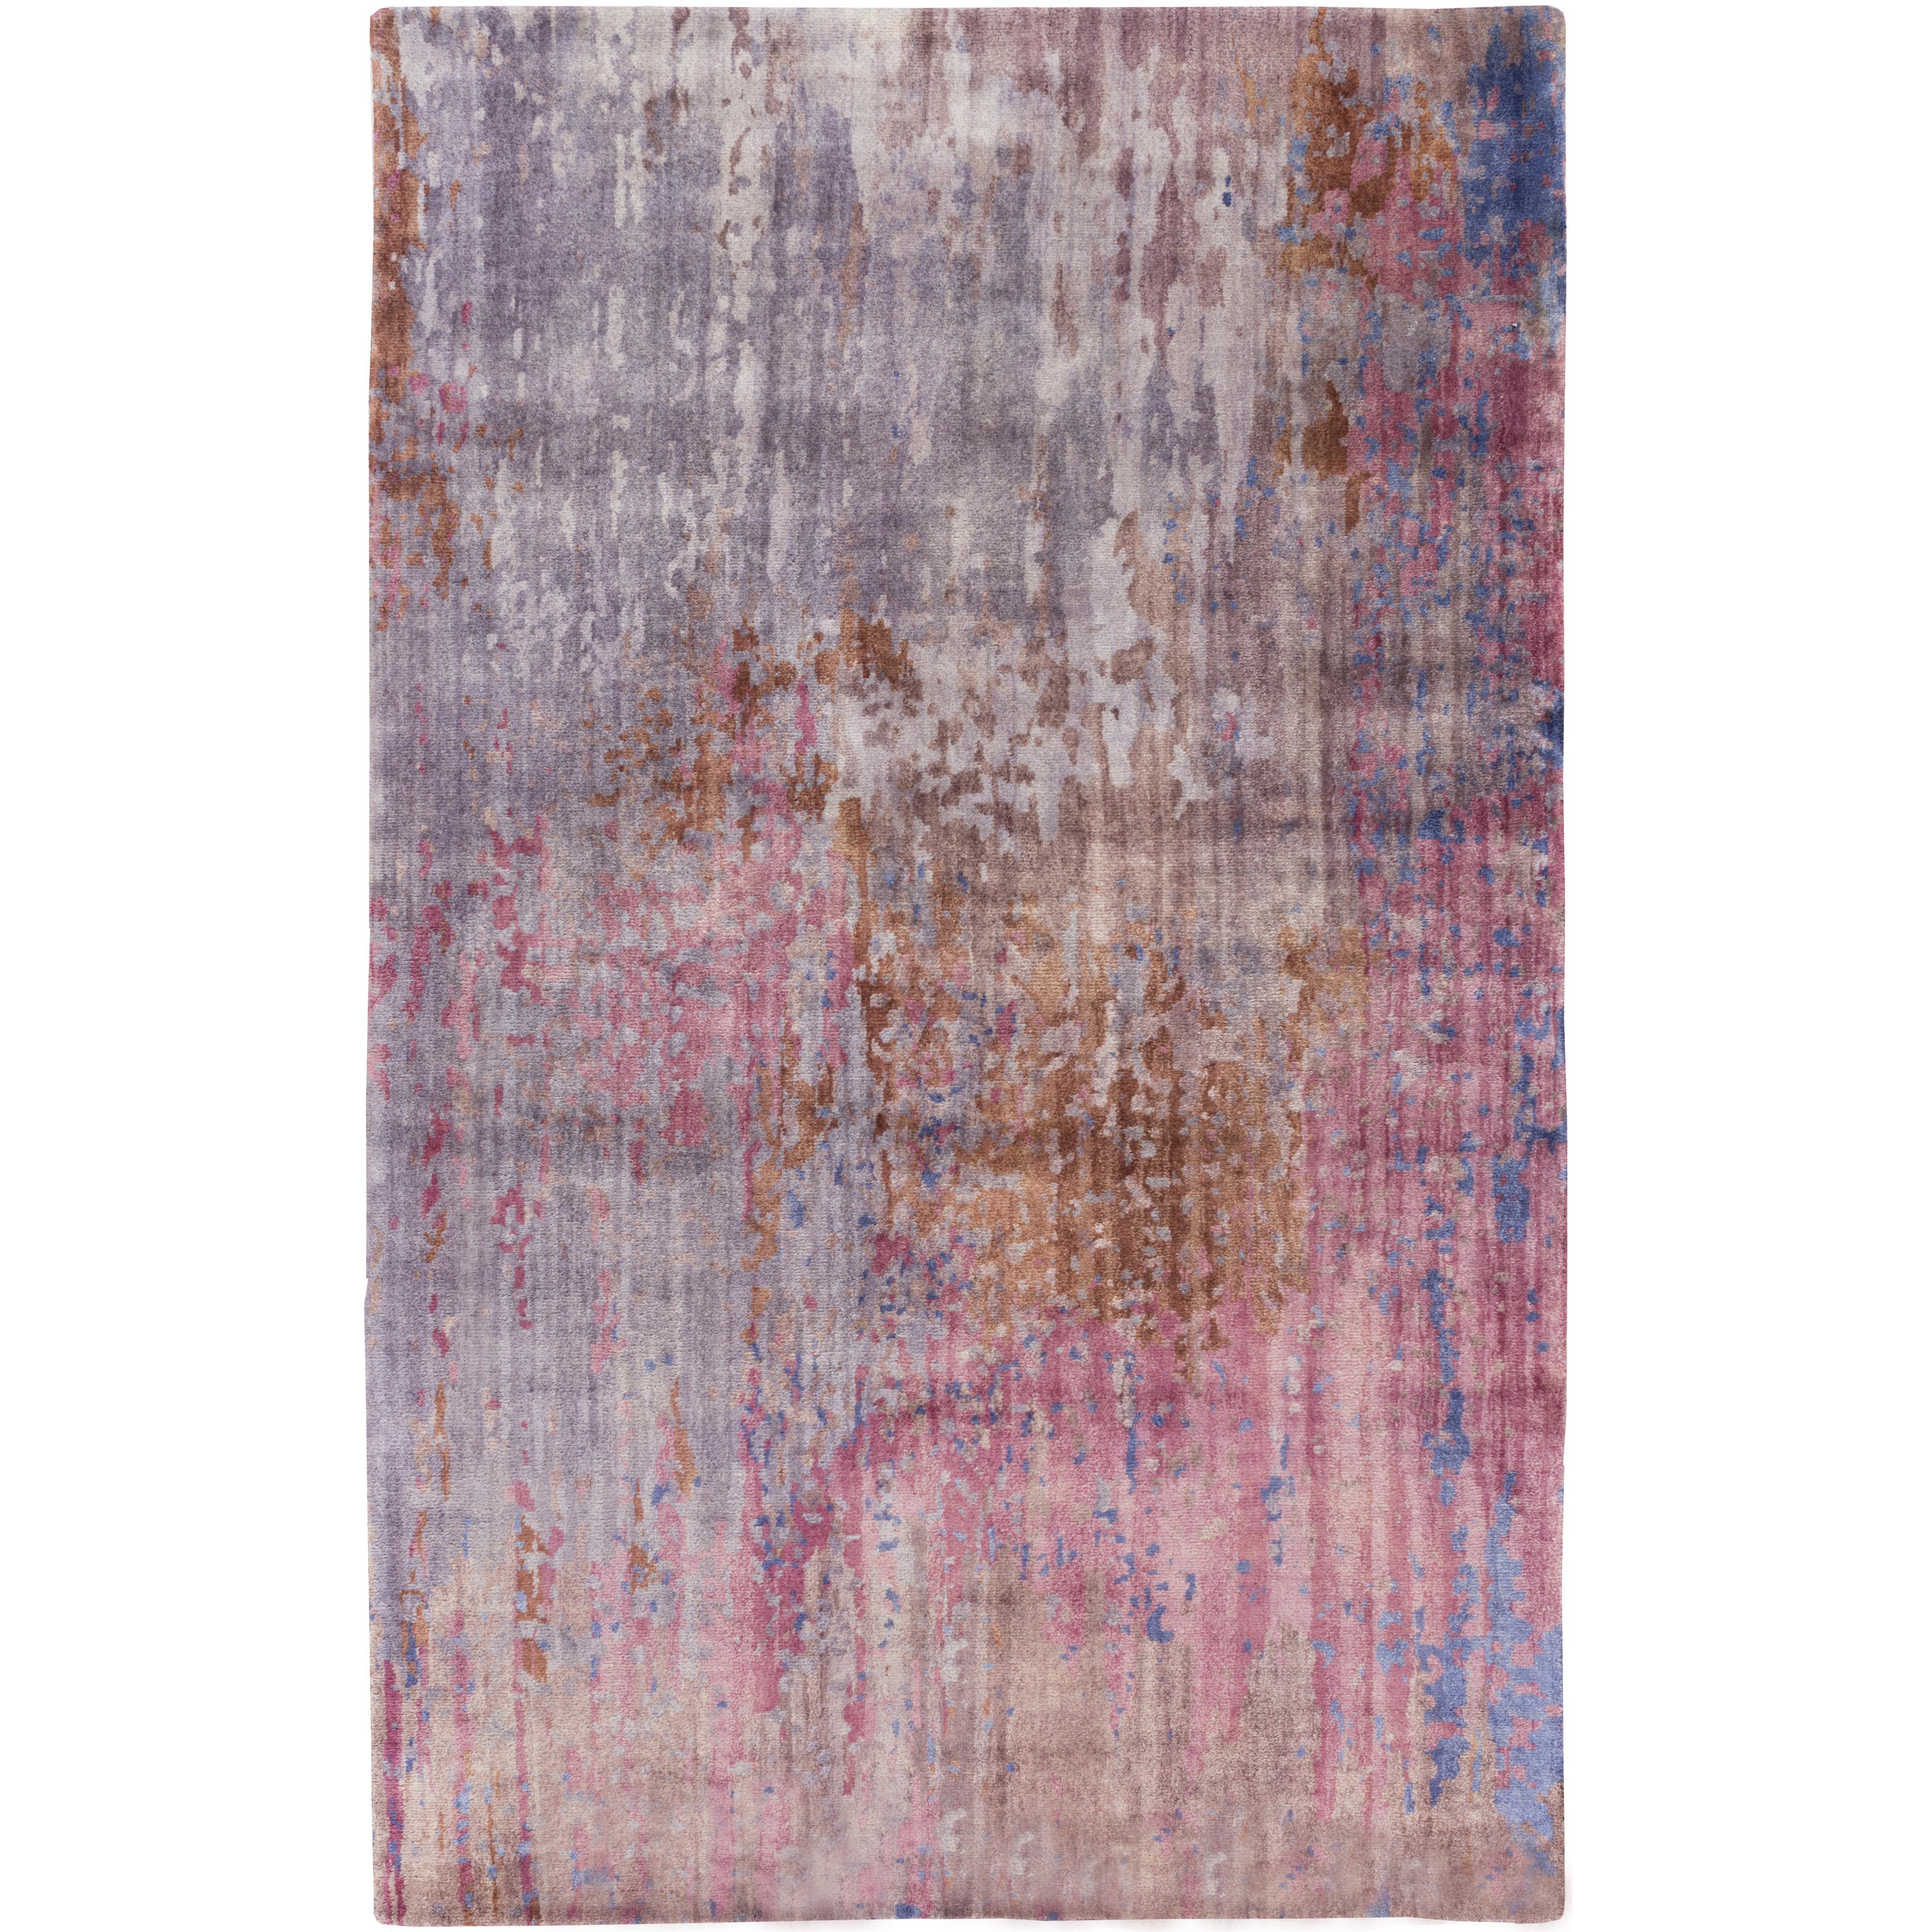 Surya Rugs Watercolor 8' x 11' - Item Number: WAT5003-811